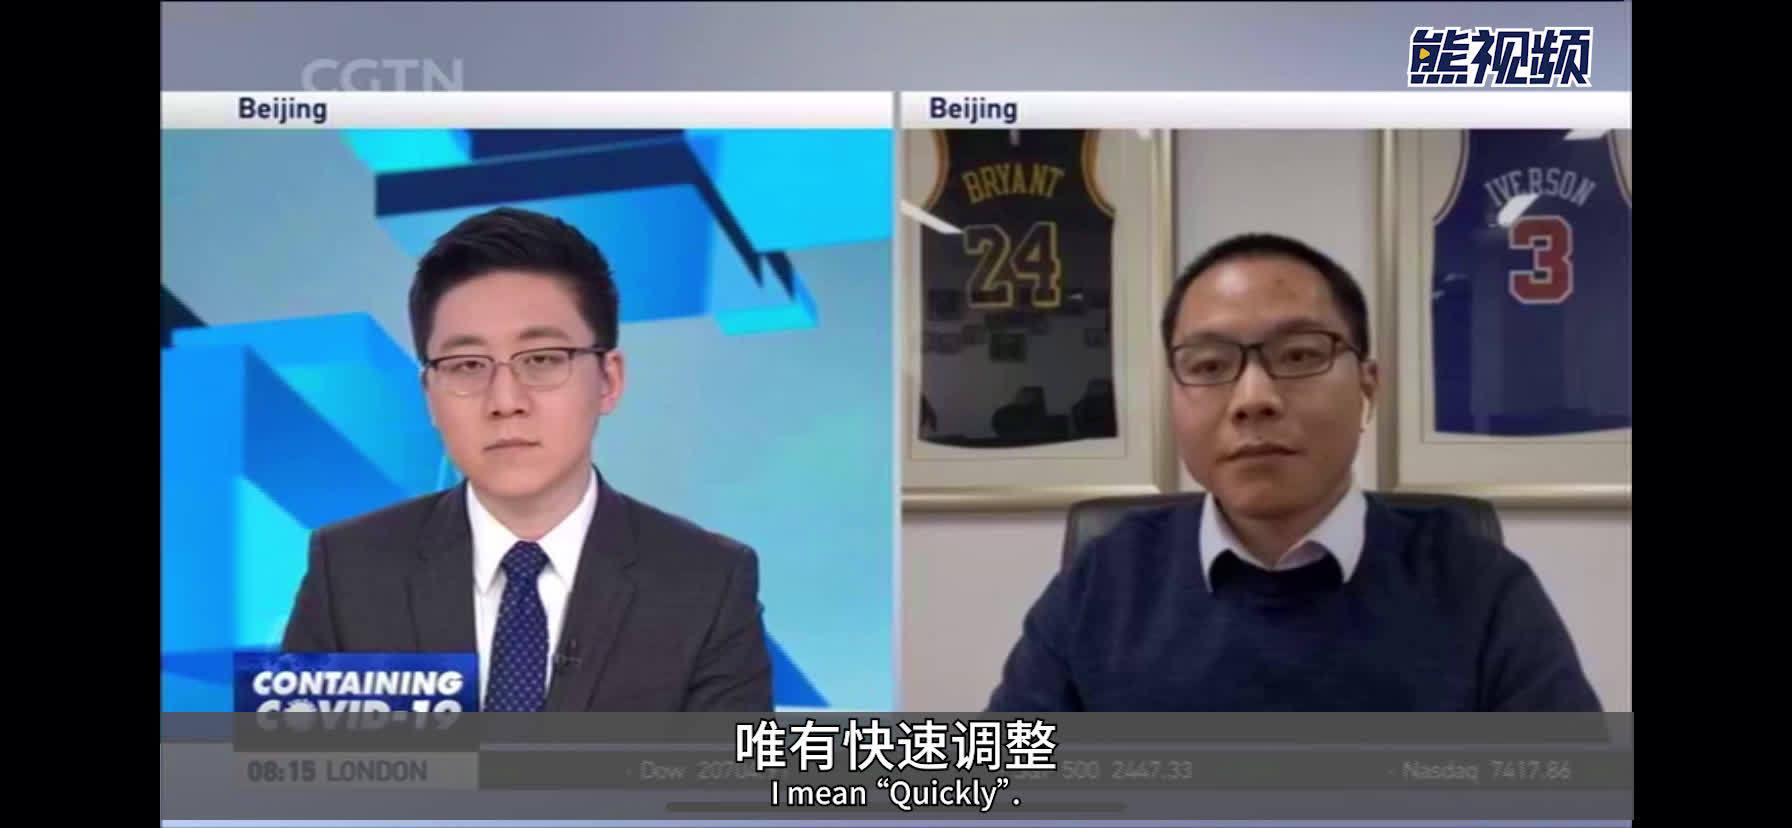 黎双富接受央视CGTN采访